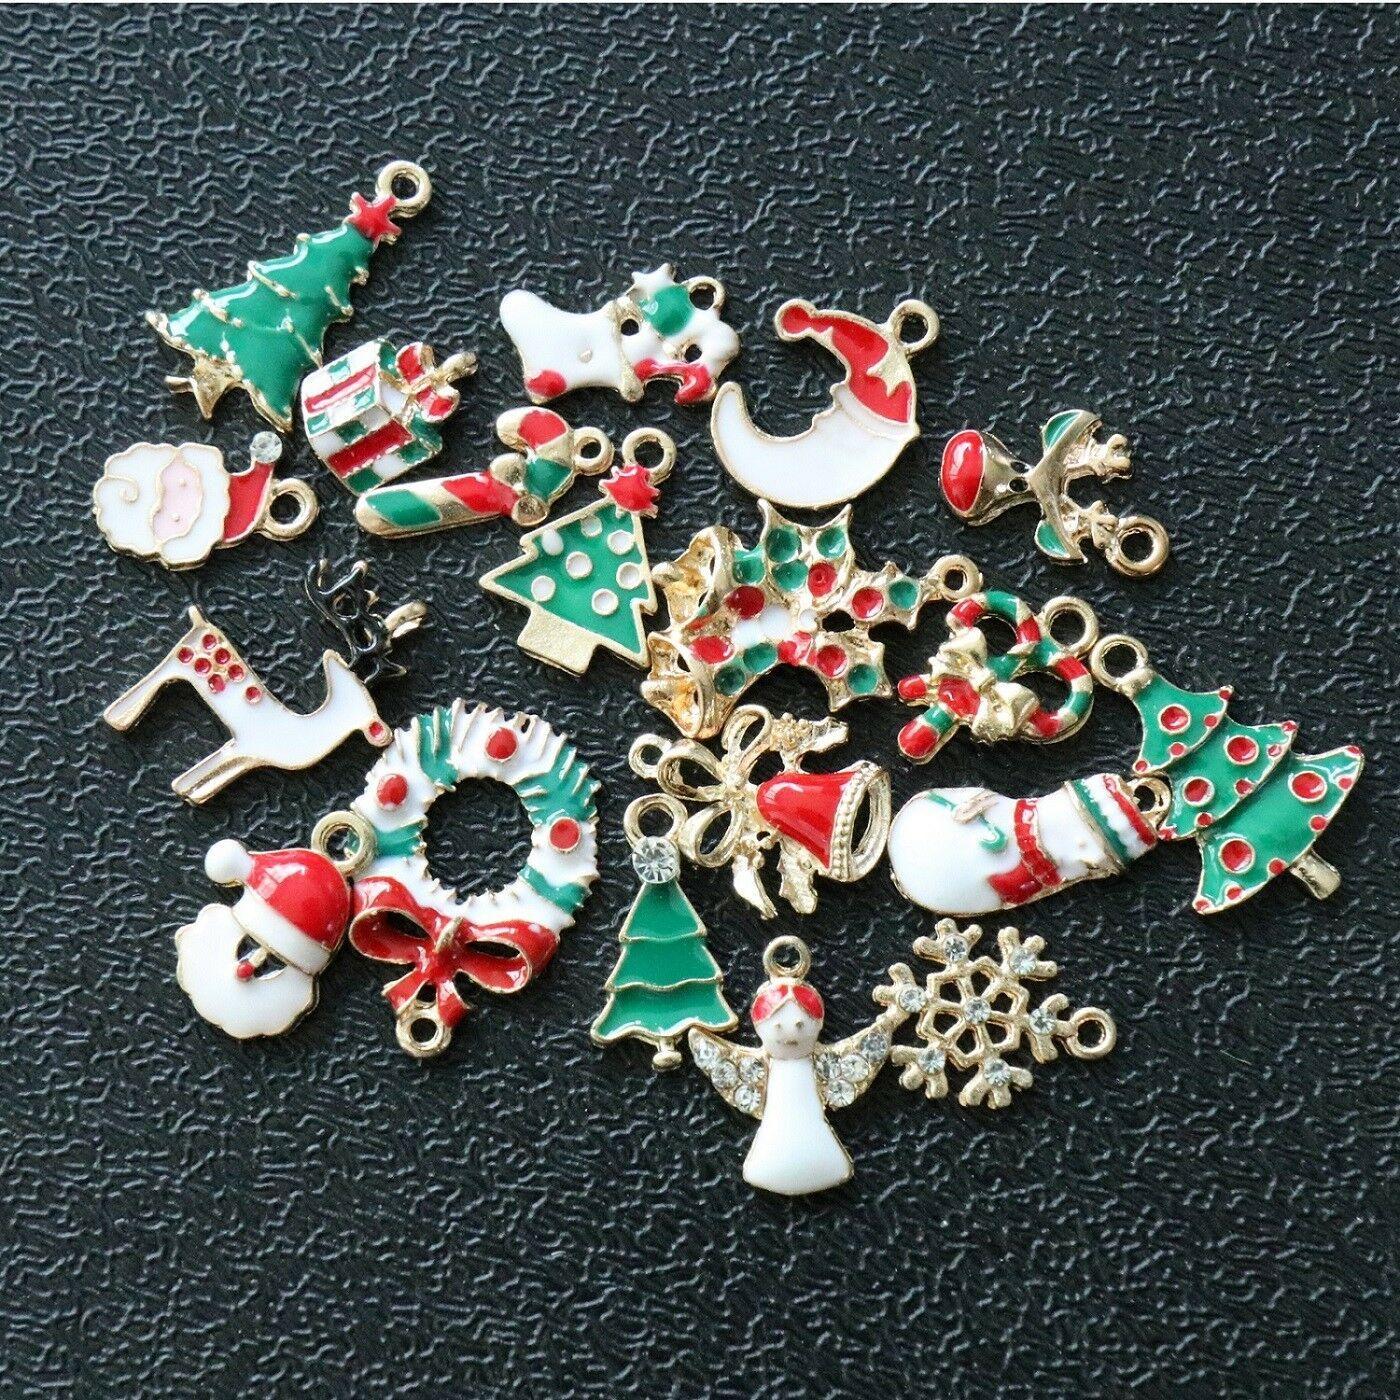 19 шт. / лот смешанные DIY Рождество Xmas дерево подвески украшения Рождественская елка висит украшения для дома B47